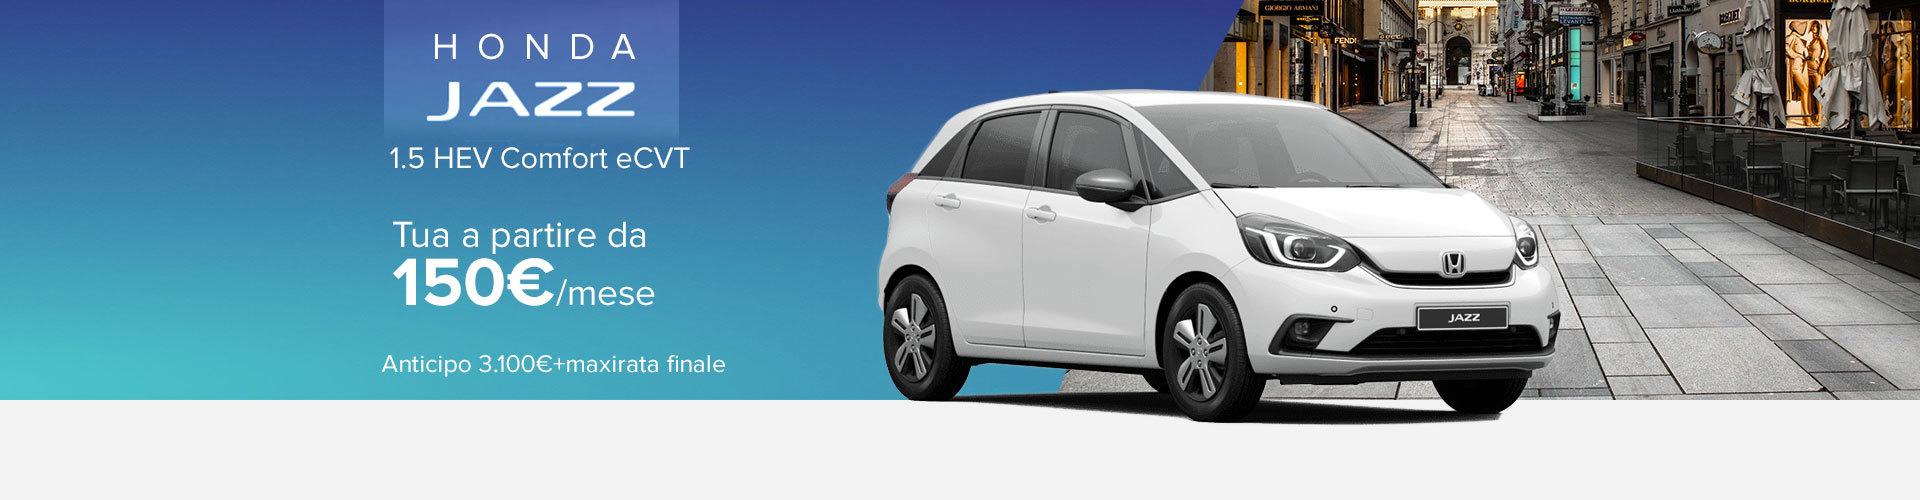 Honda Jazz autoshop promo